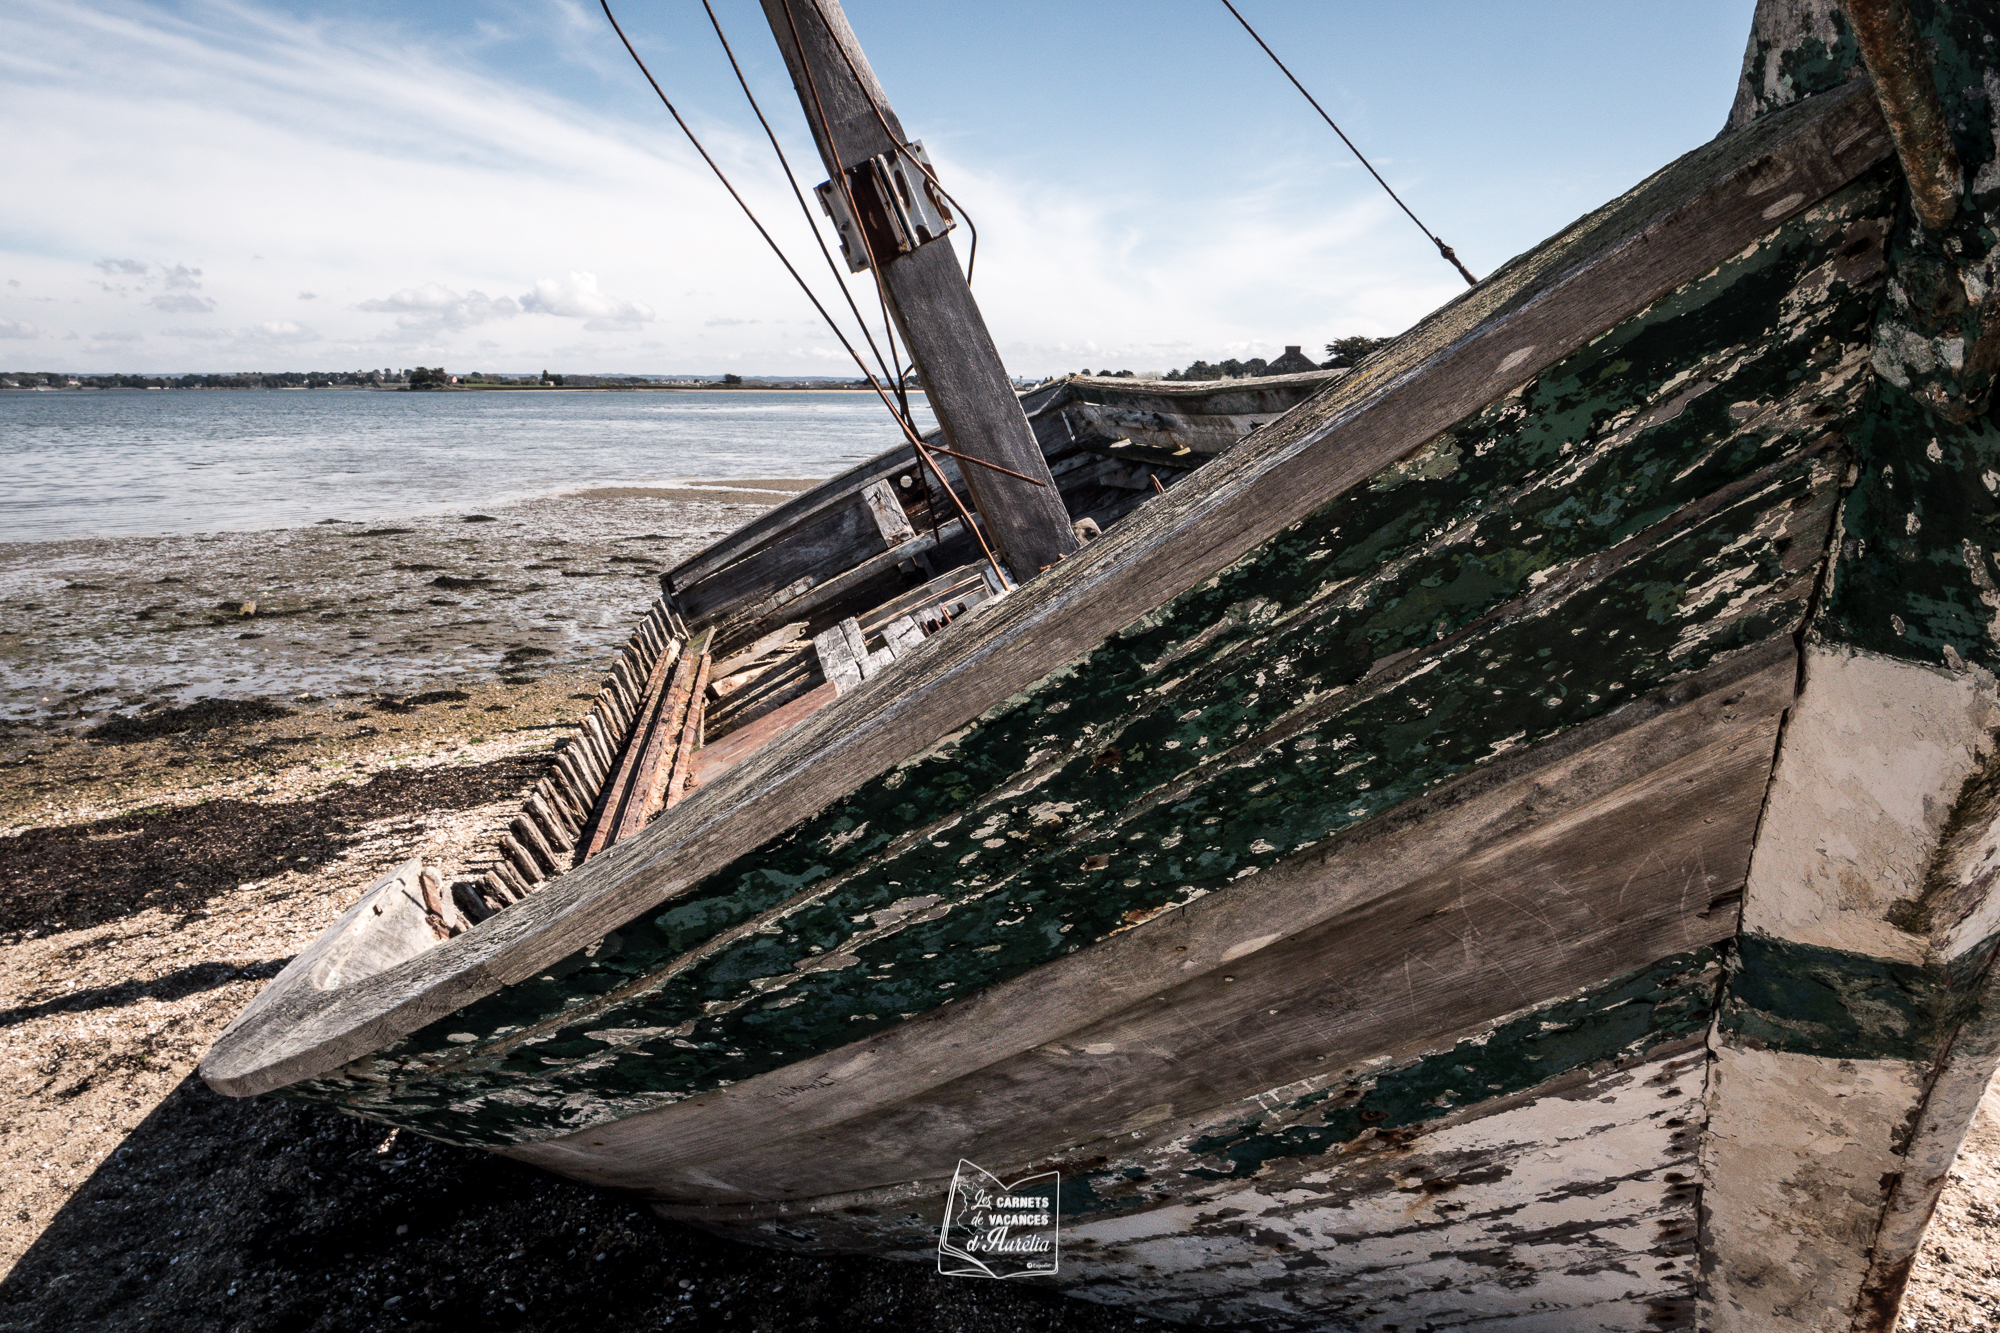 Expedia_CDV_Morbihan-16.jpg?1563799595